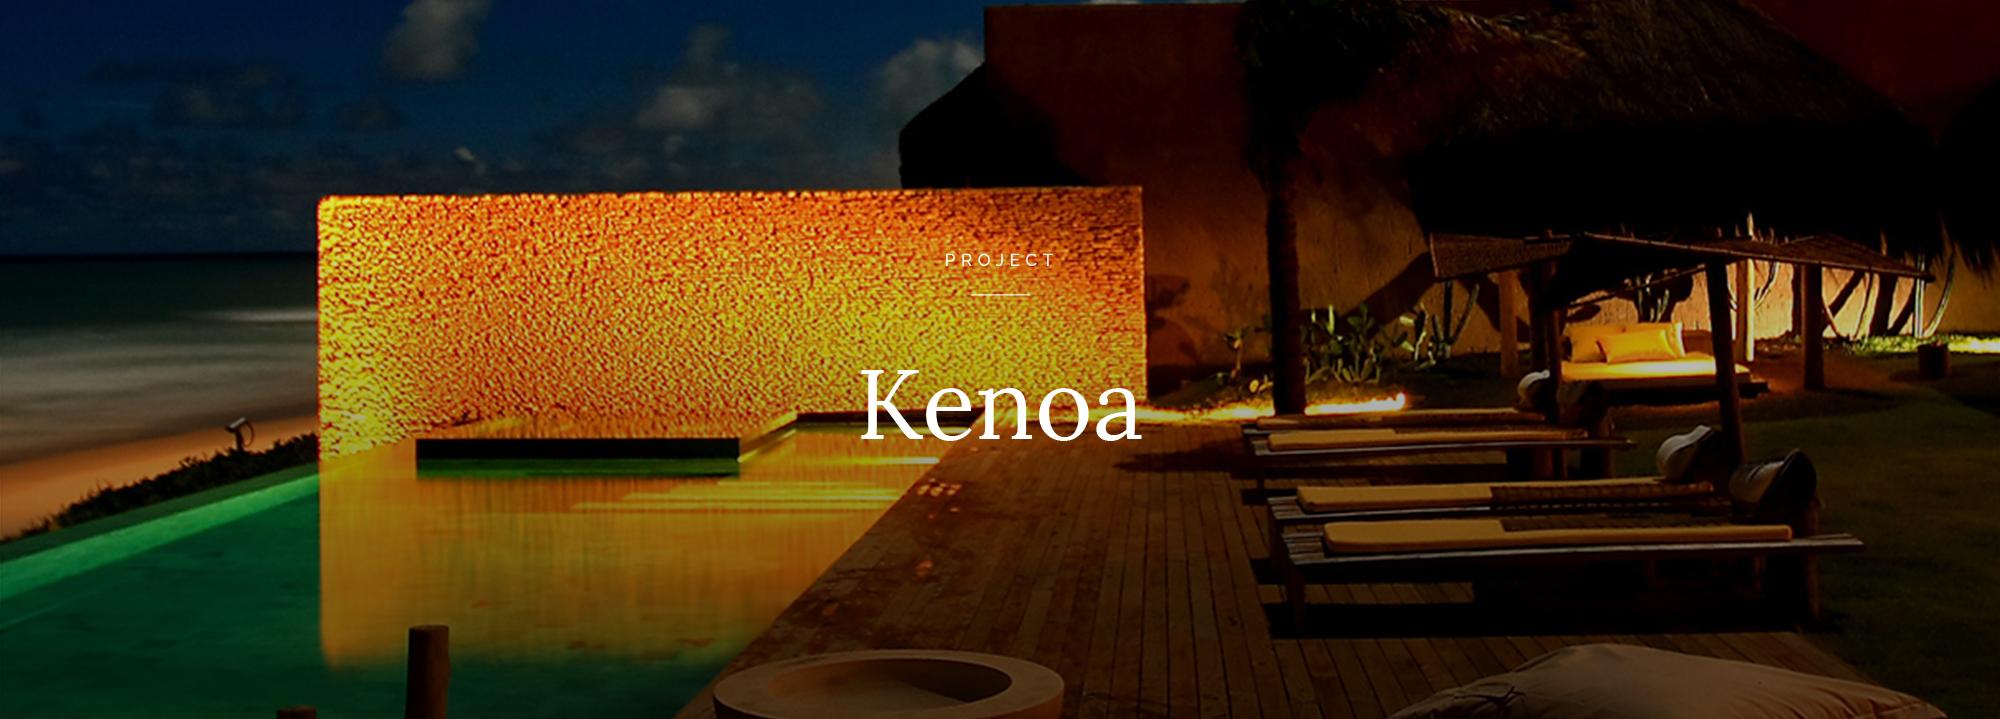 Kenoa